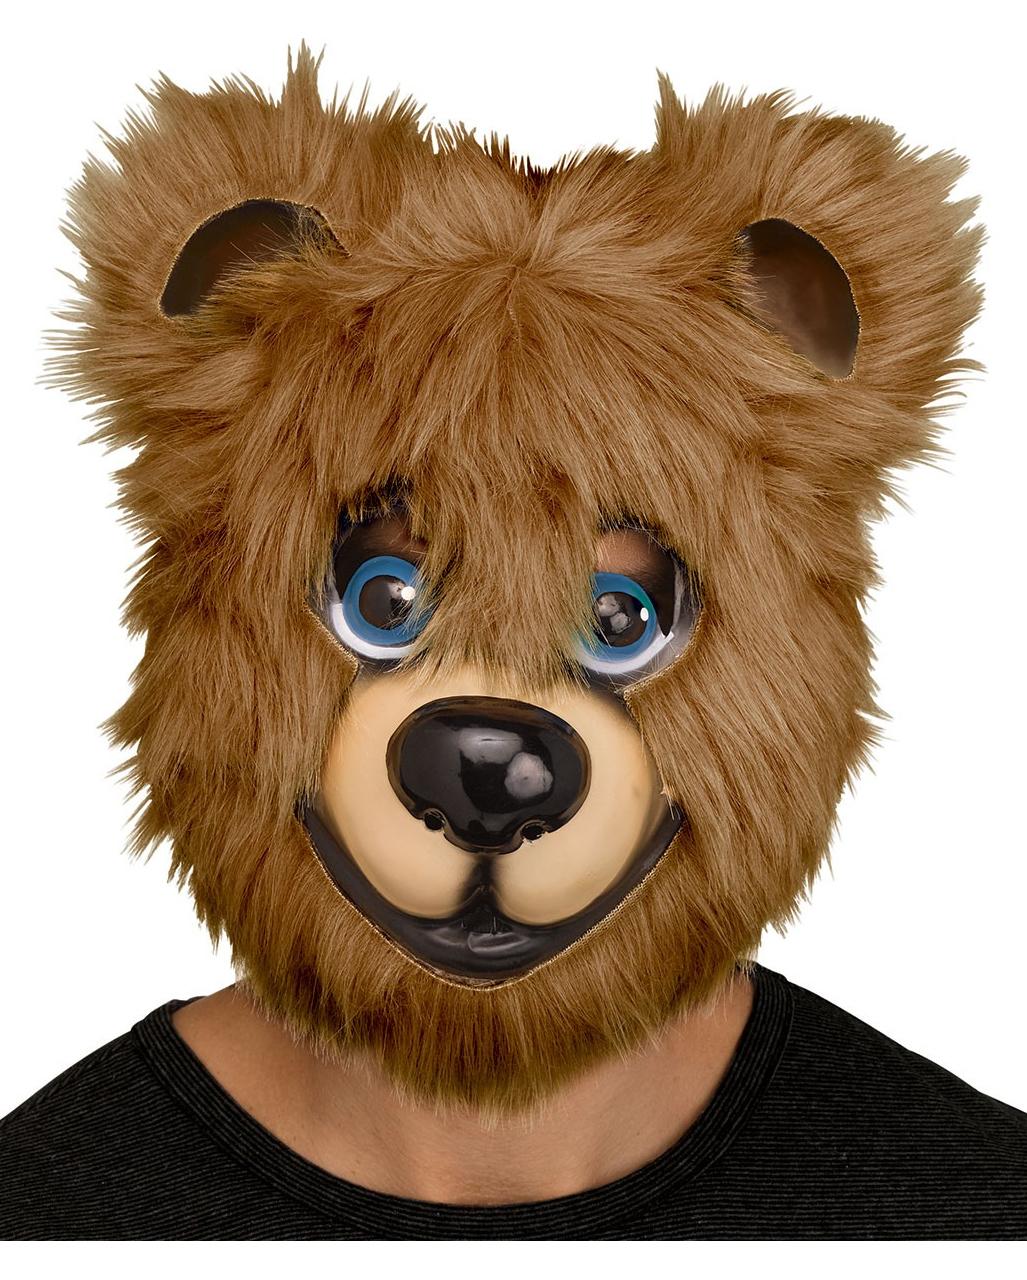 картинка маски медведя большая тракторный завод